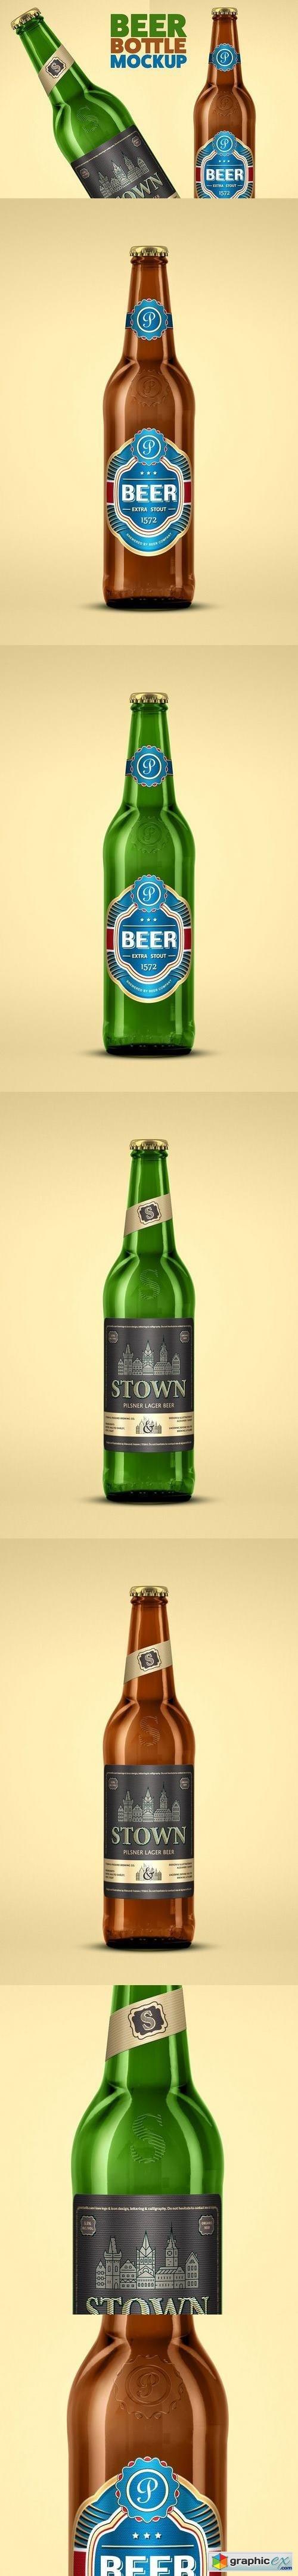 Beer Bottle Mock-Up 1487299